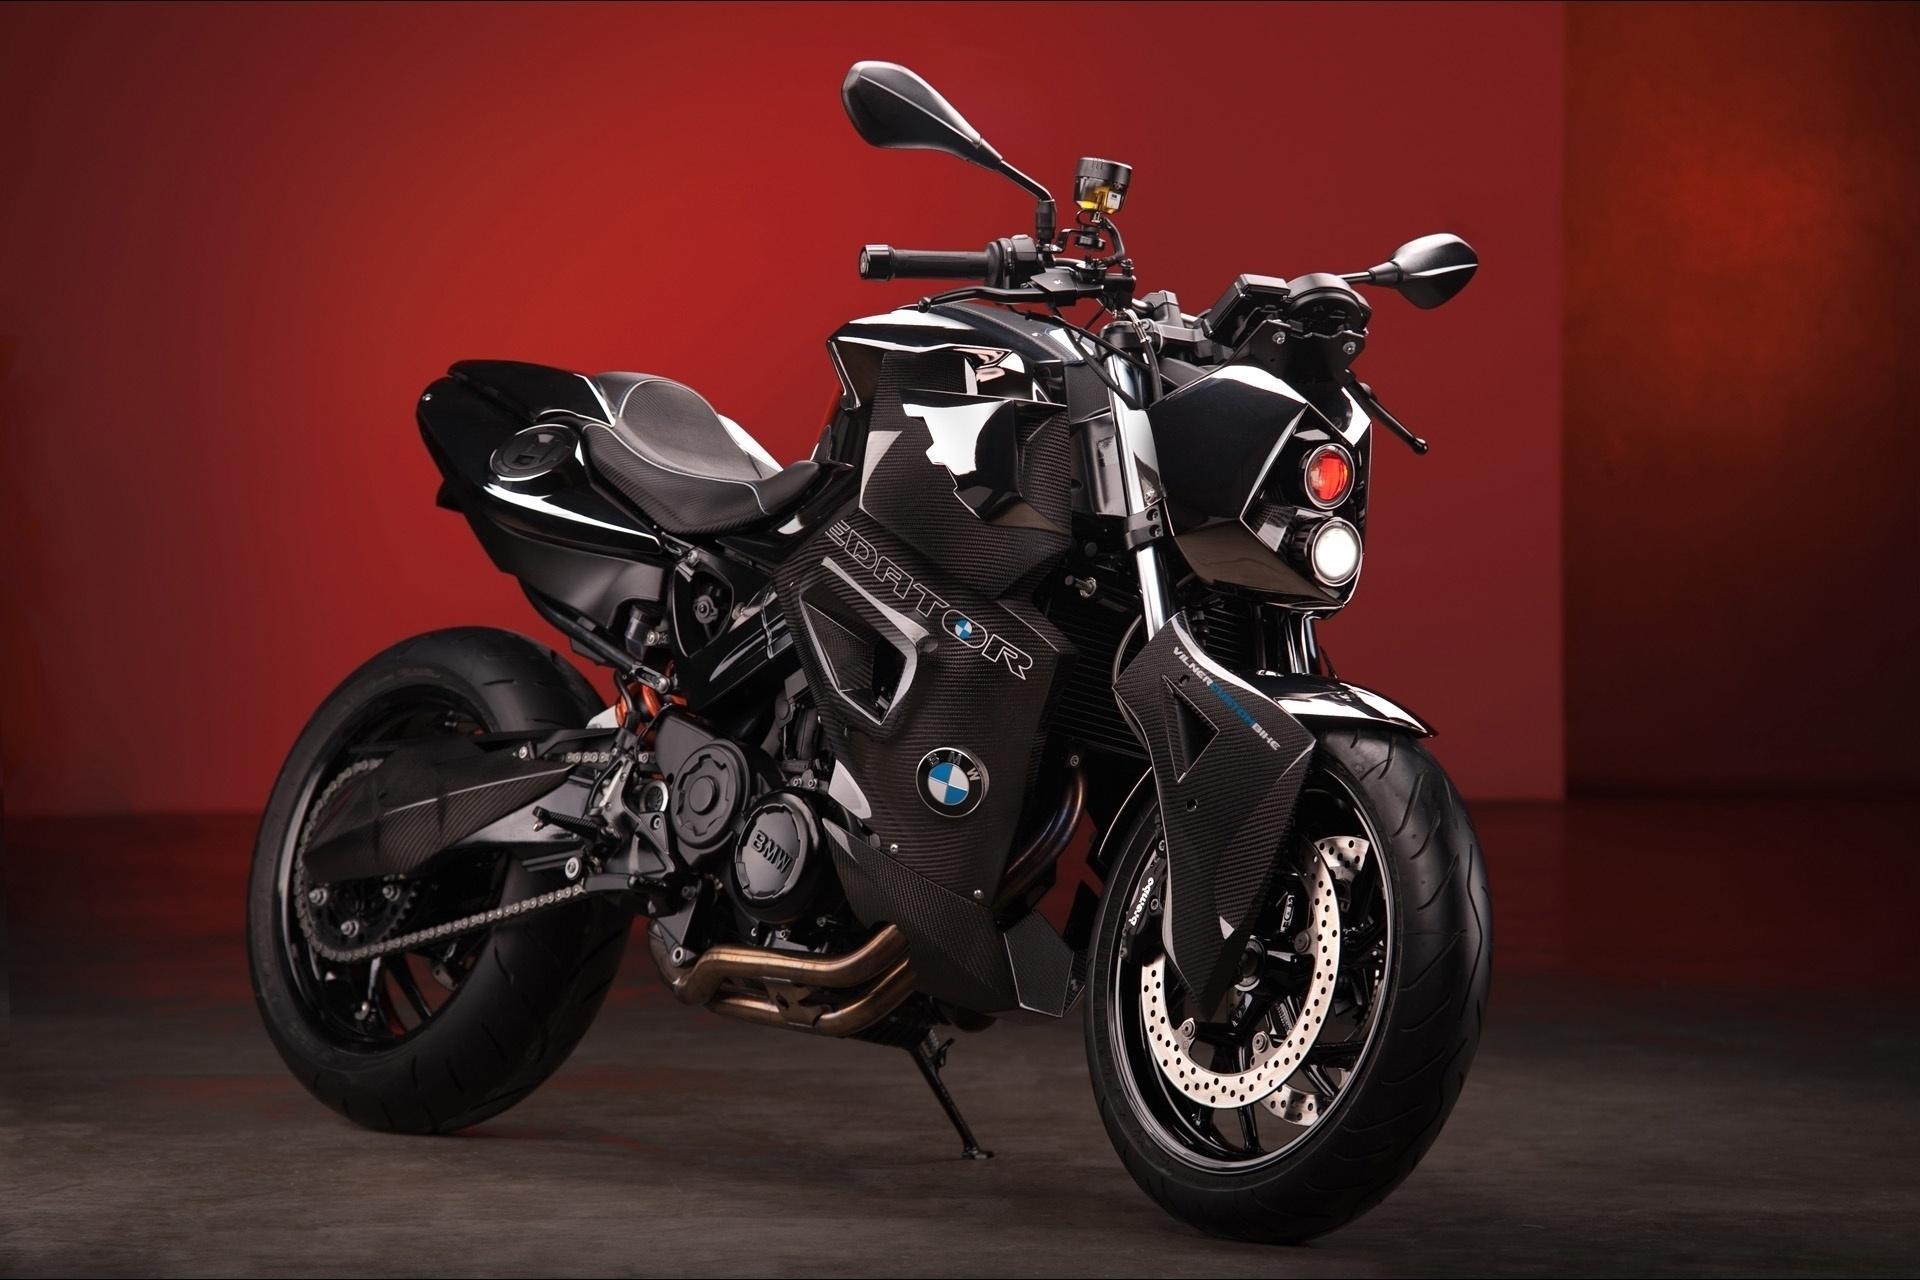 103902 скачать обои Мотоциклы, Бмв, Байк, Стиль, Спорт - заставки и картинки бесплатно